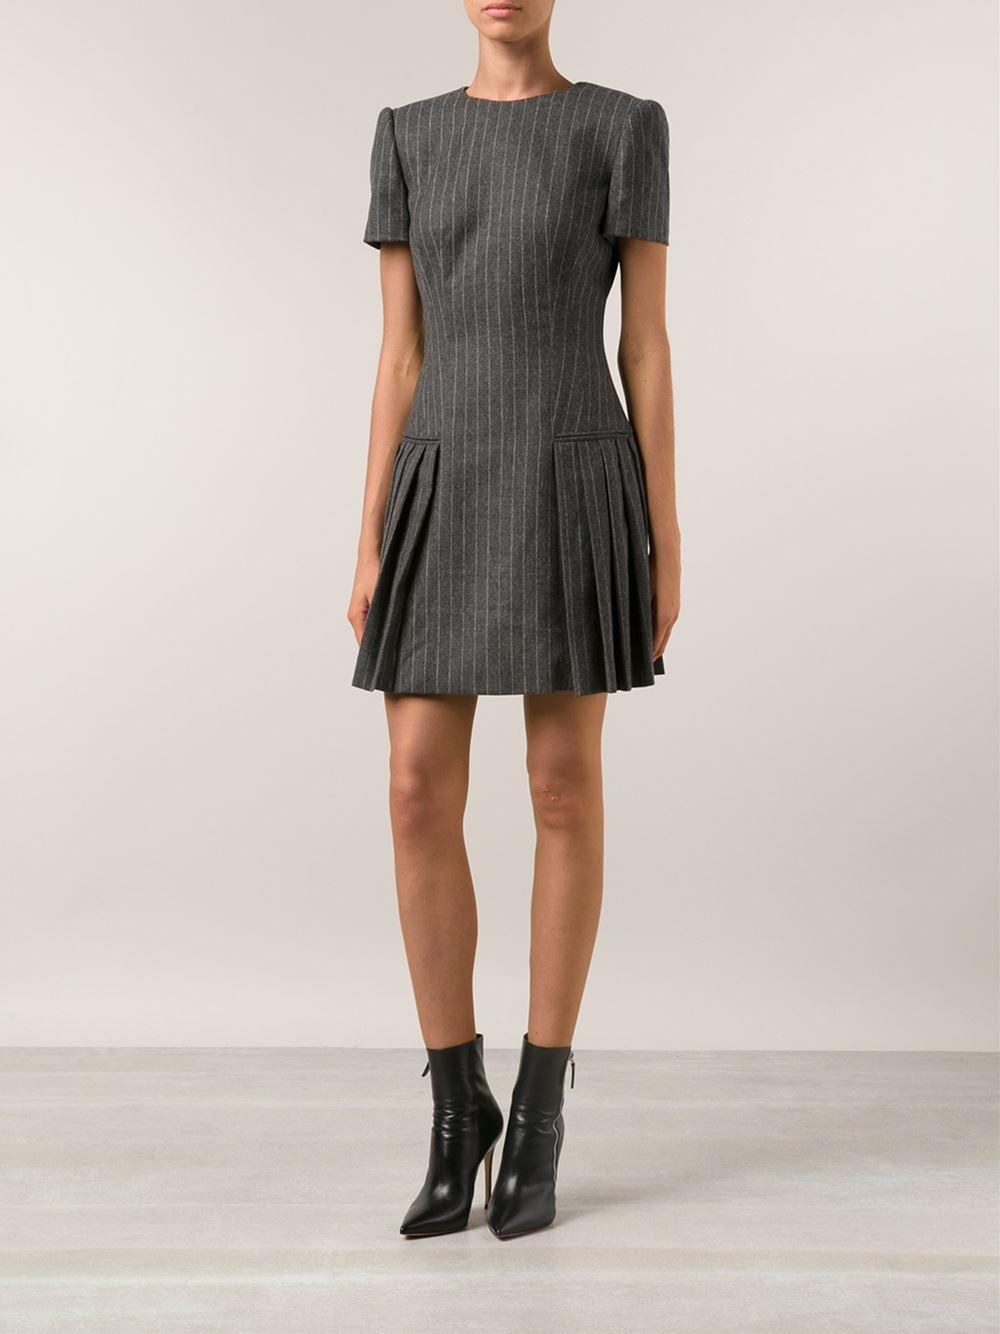 Lyst Alexander Mcqueen Pinstripe Pleated Dress In Gray